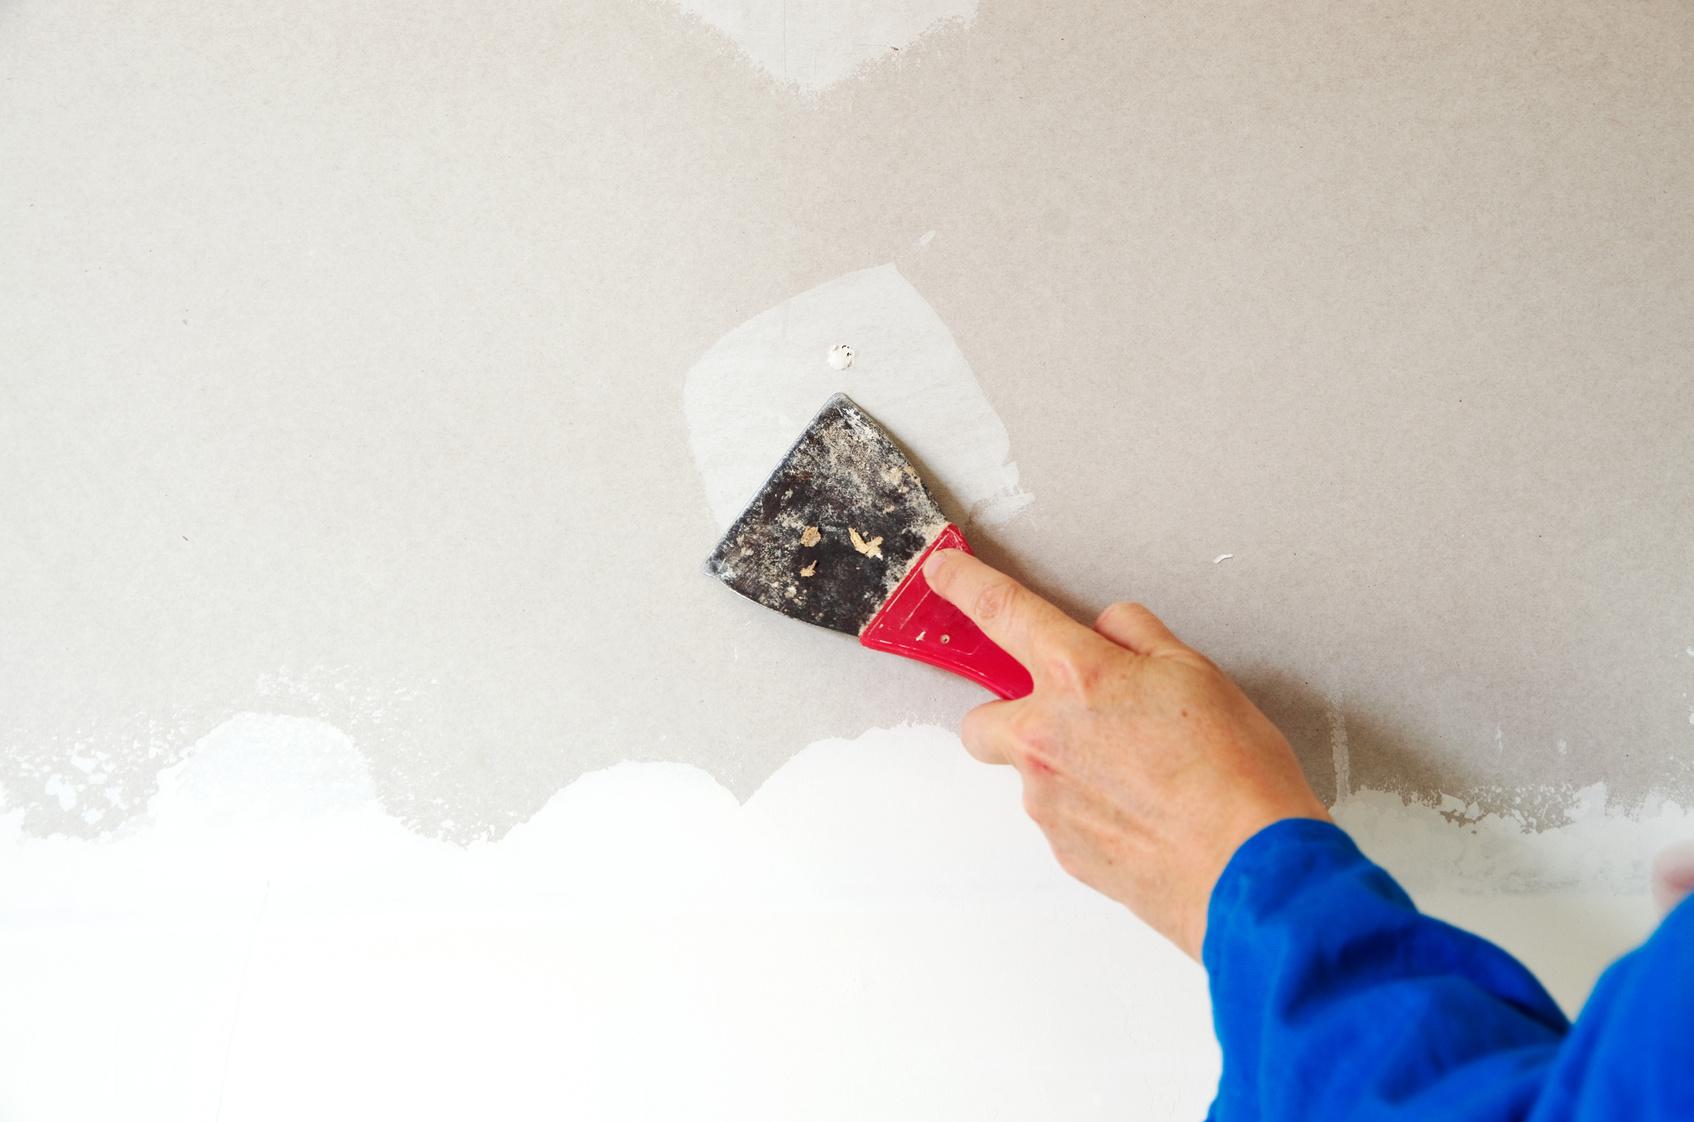 Tip pintores c mo rellenar los agujeros de la pared - Como secar las paredes despues de la inundacion ...